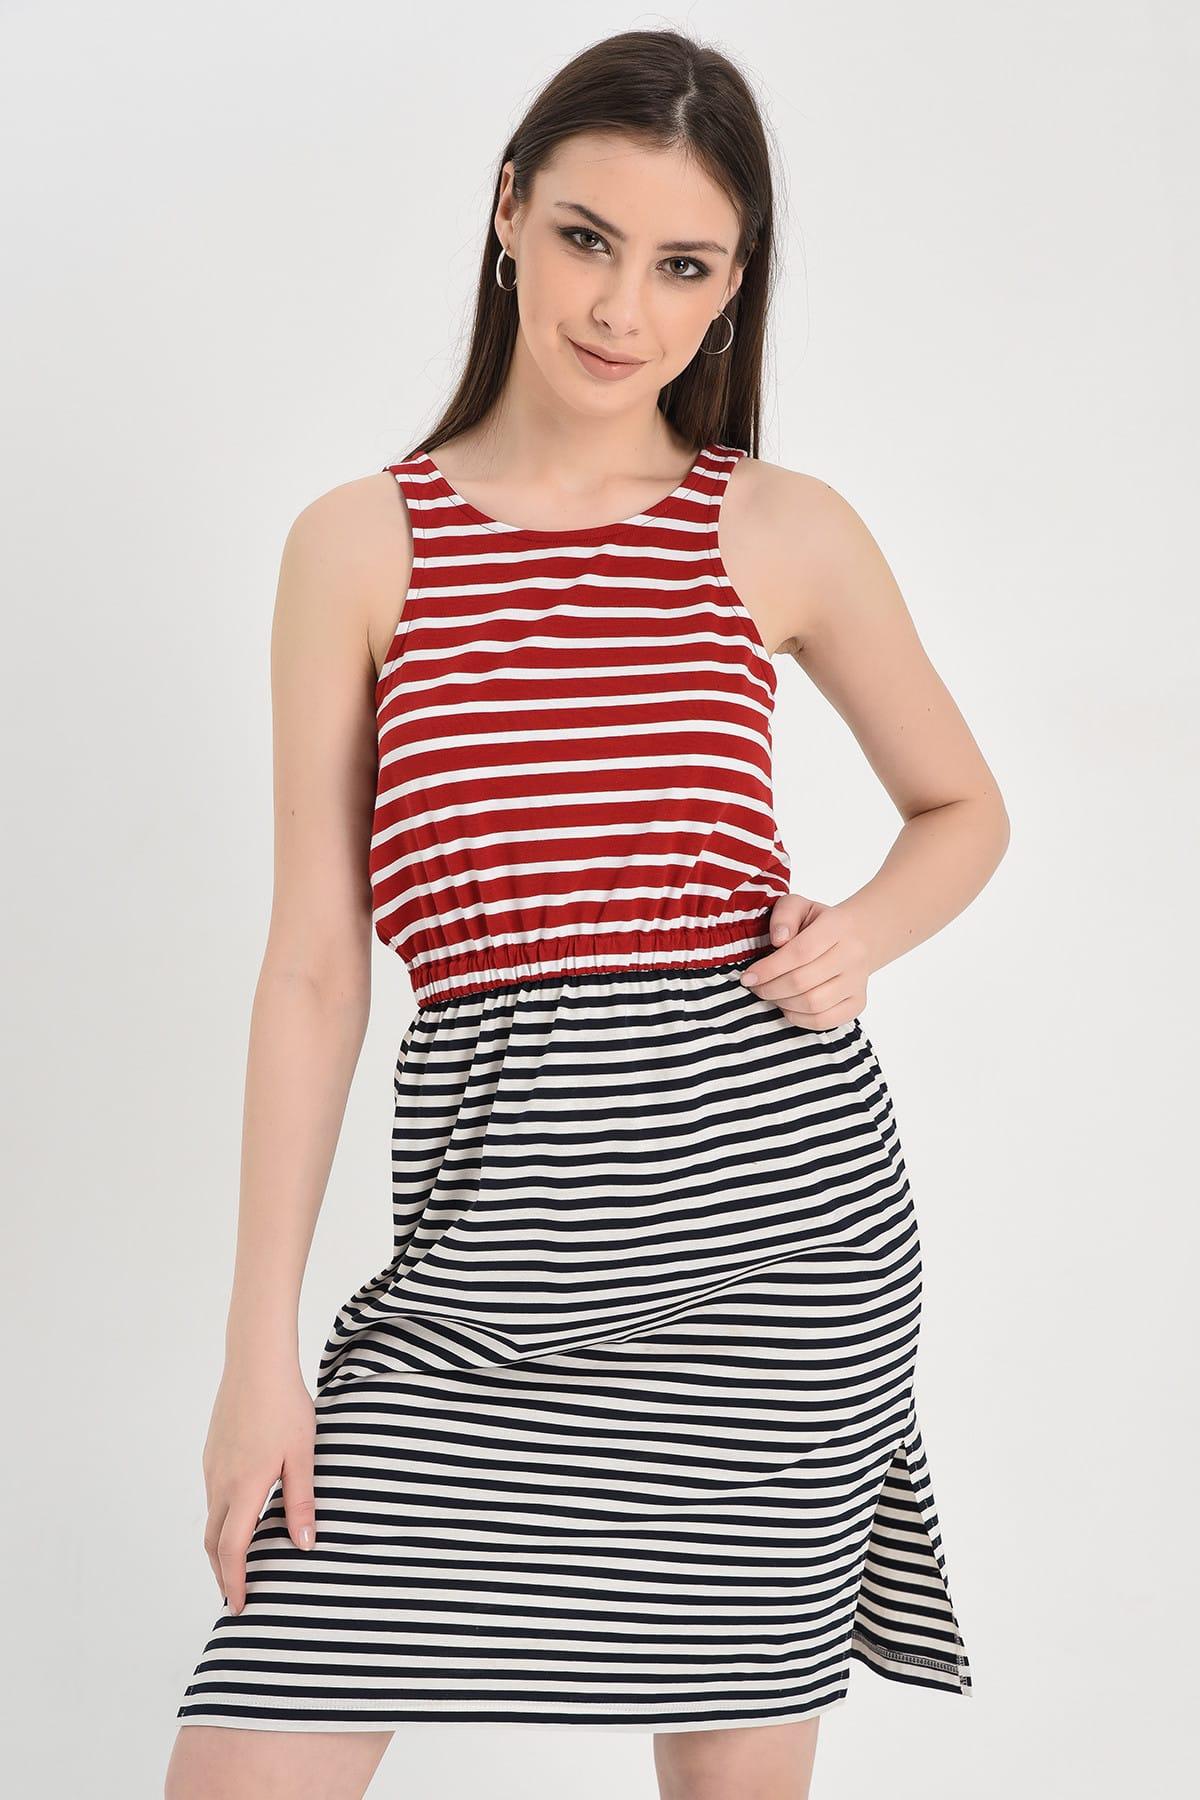 Hanna's by Hanna Darsa Kadın Kırmızı-Siyah Kolsuz Çizgili Beli Lastikli Yırtmaçlı Elbise Hn1284 1